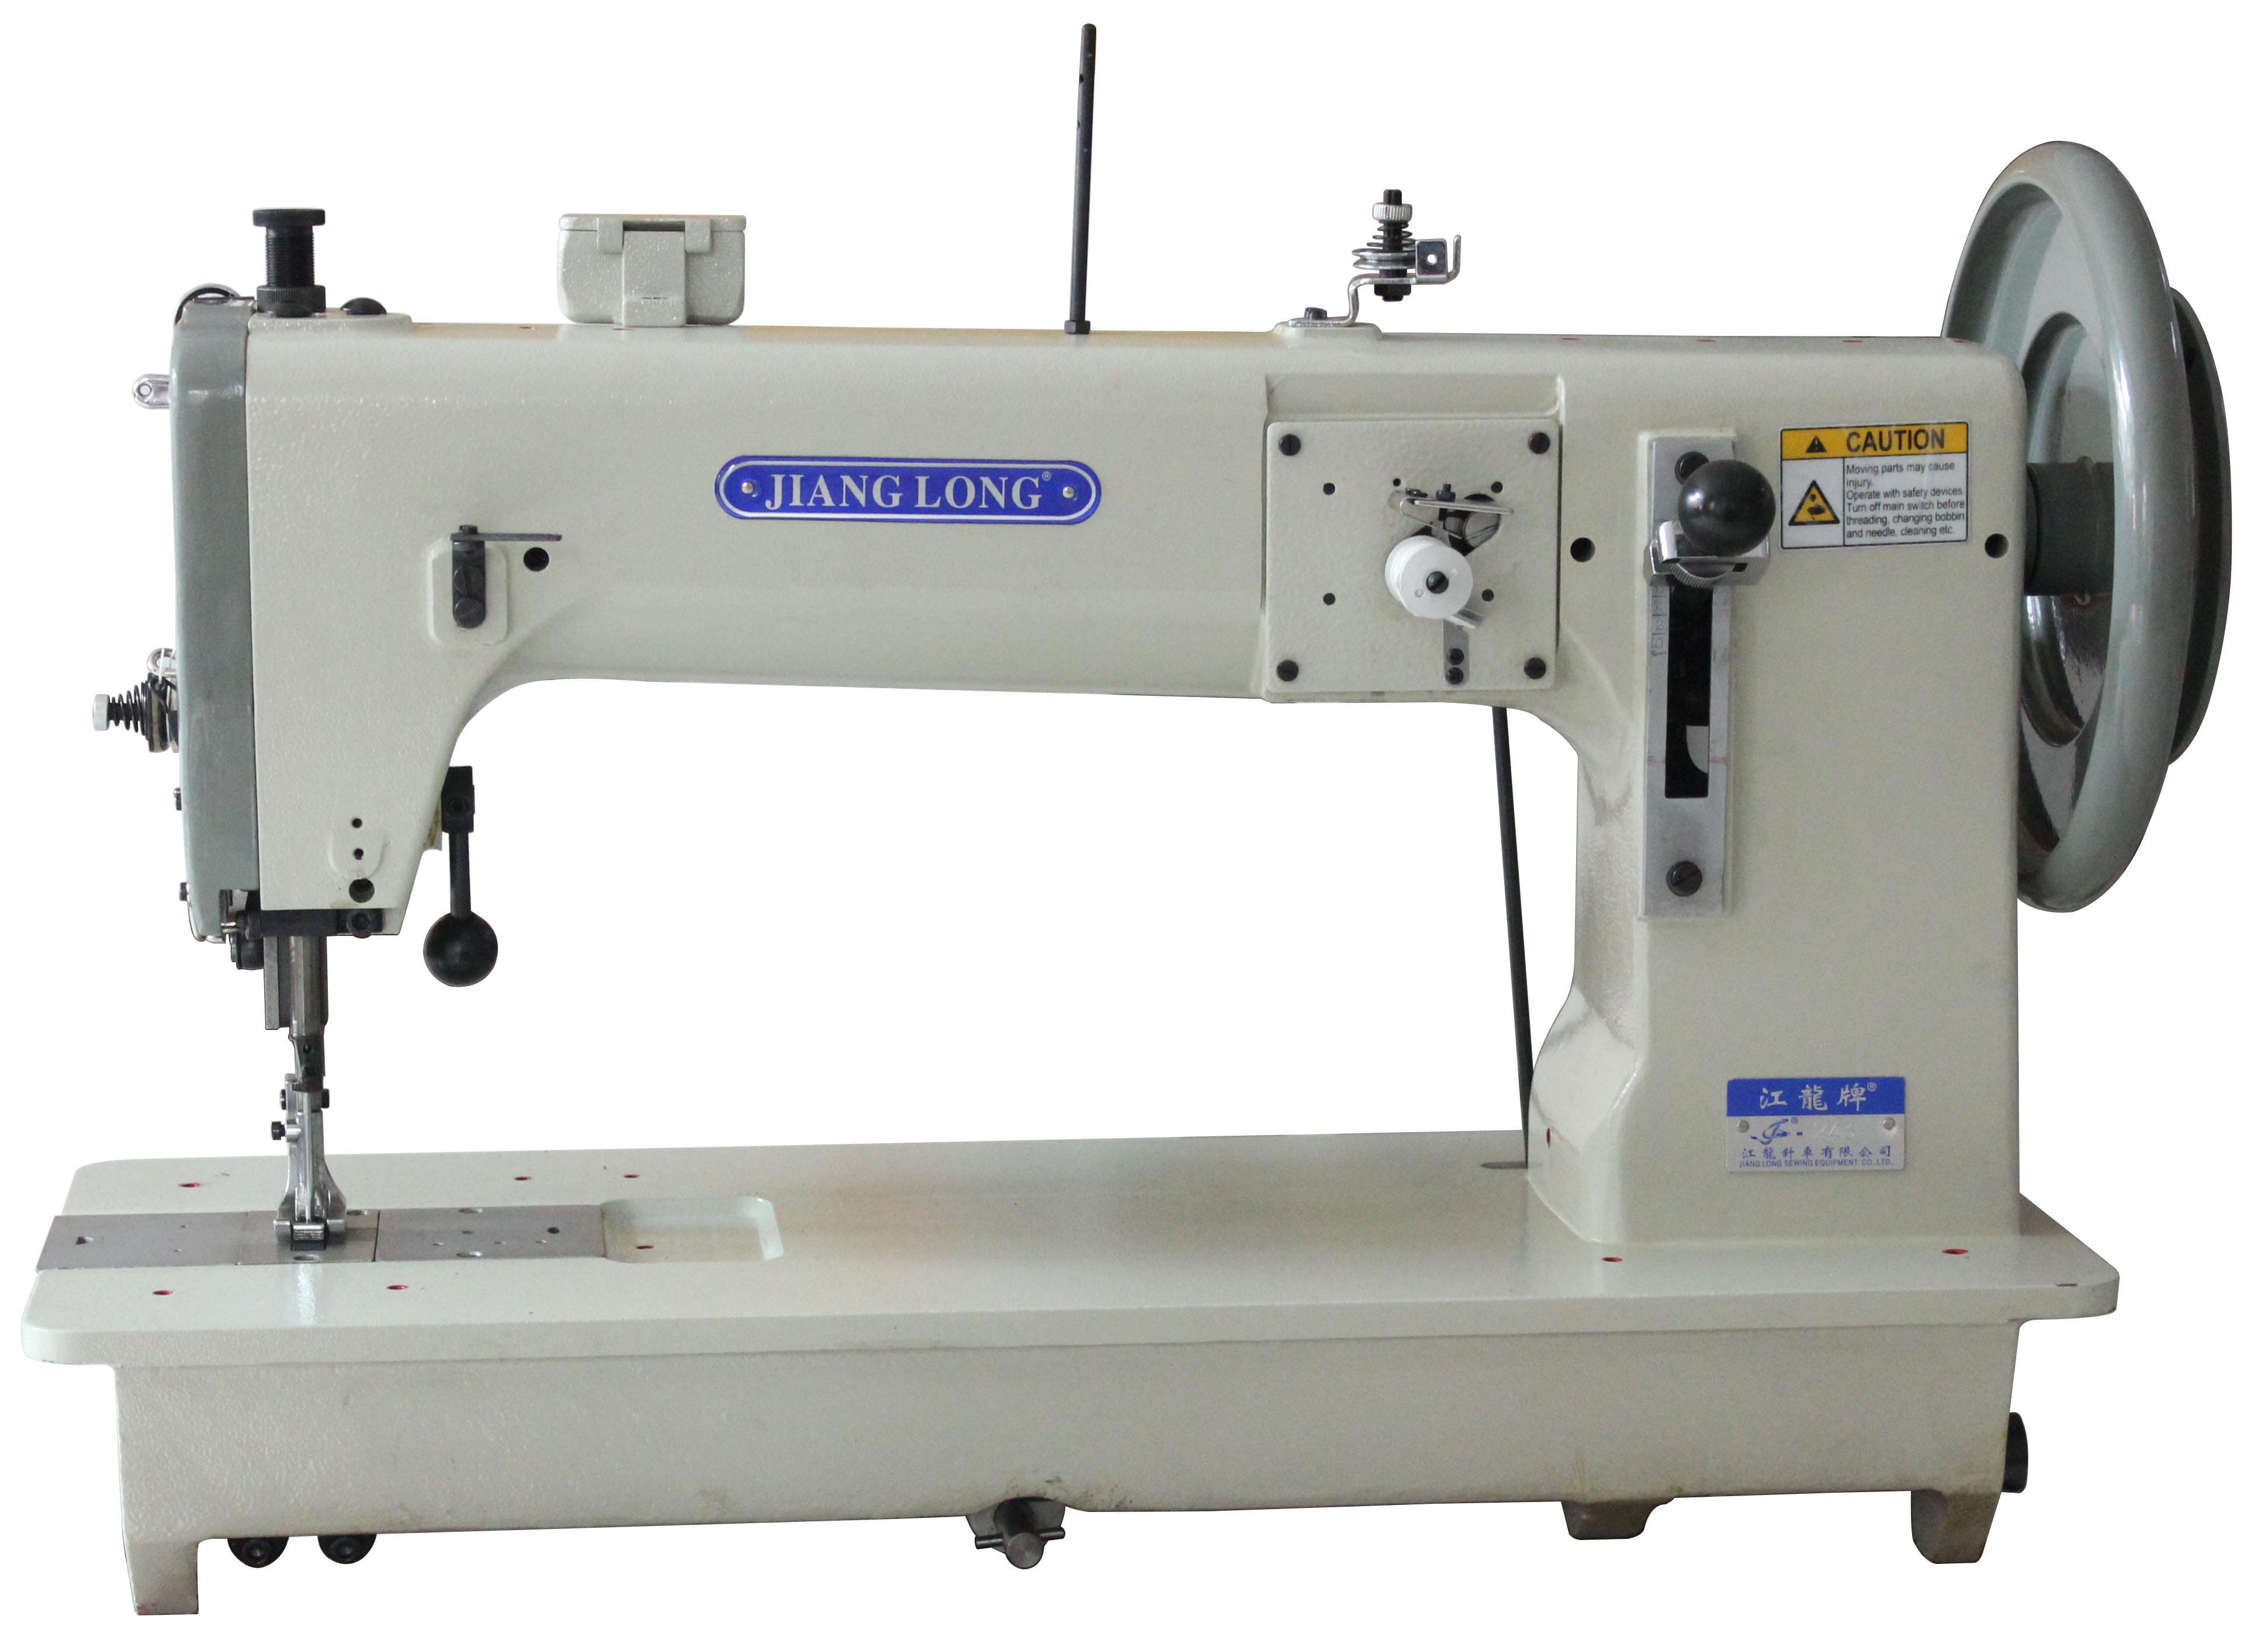 243极厚料综合送料缝纫机(粗线)